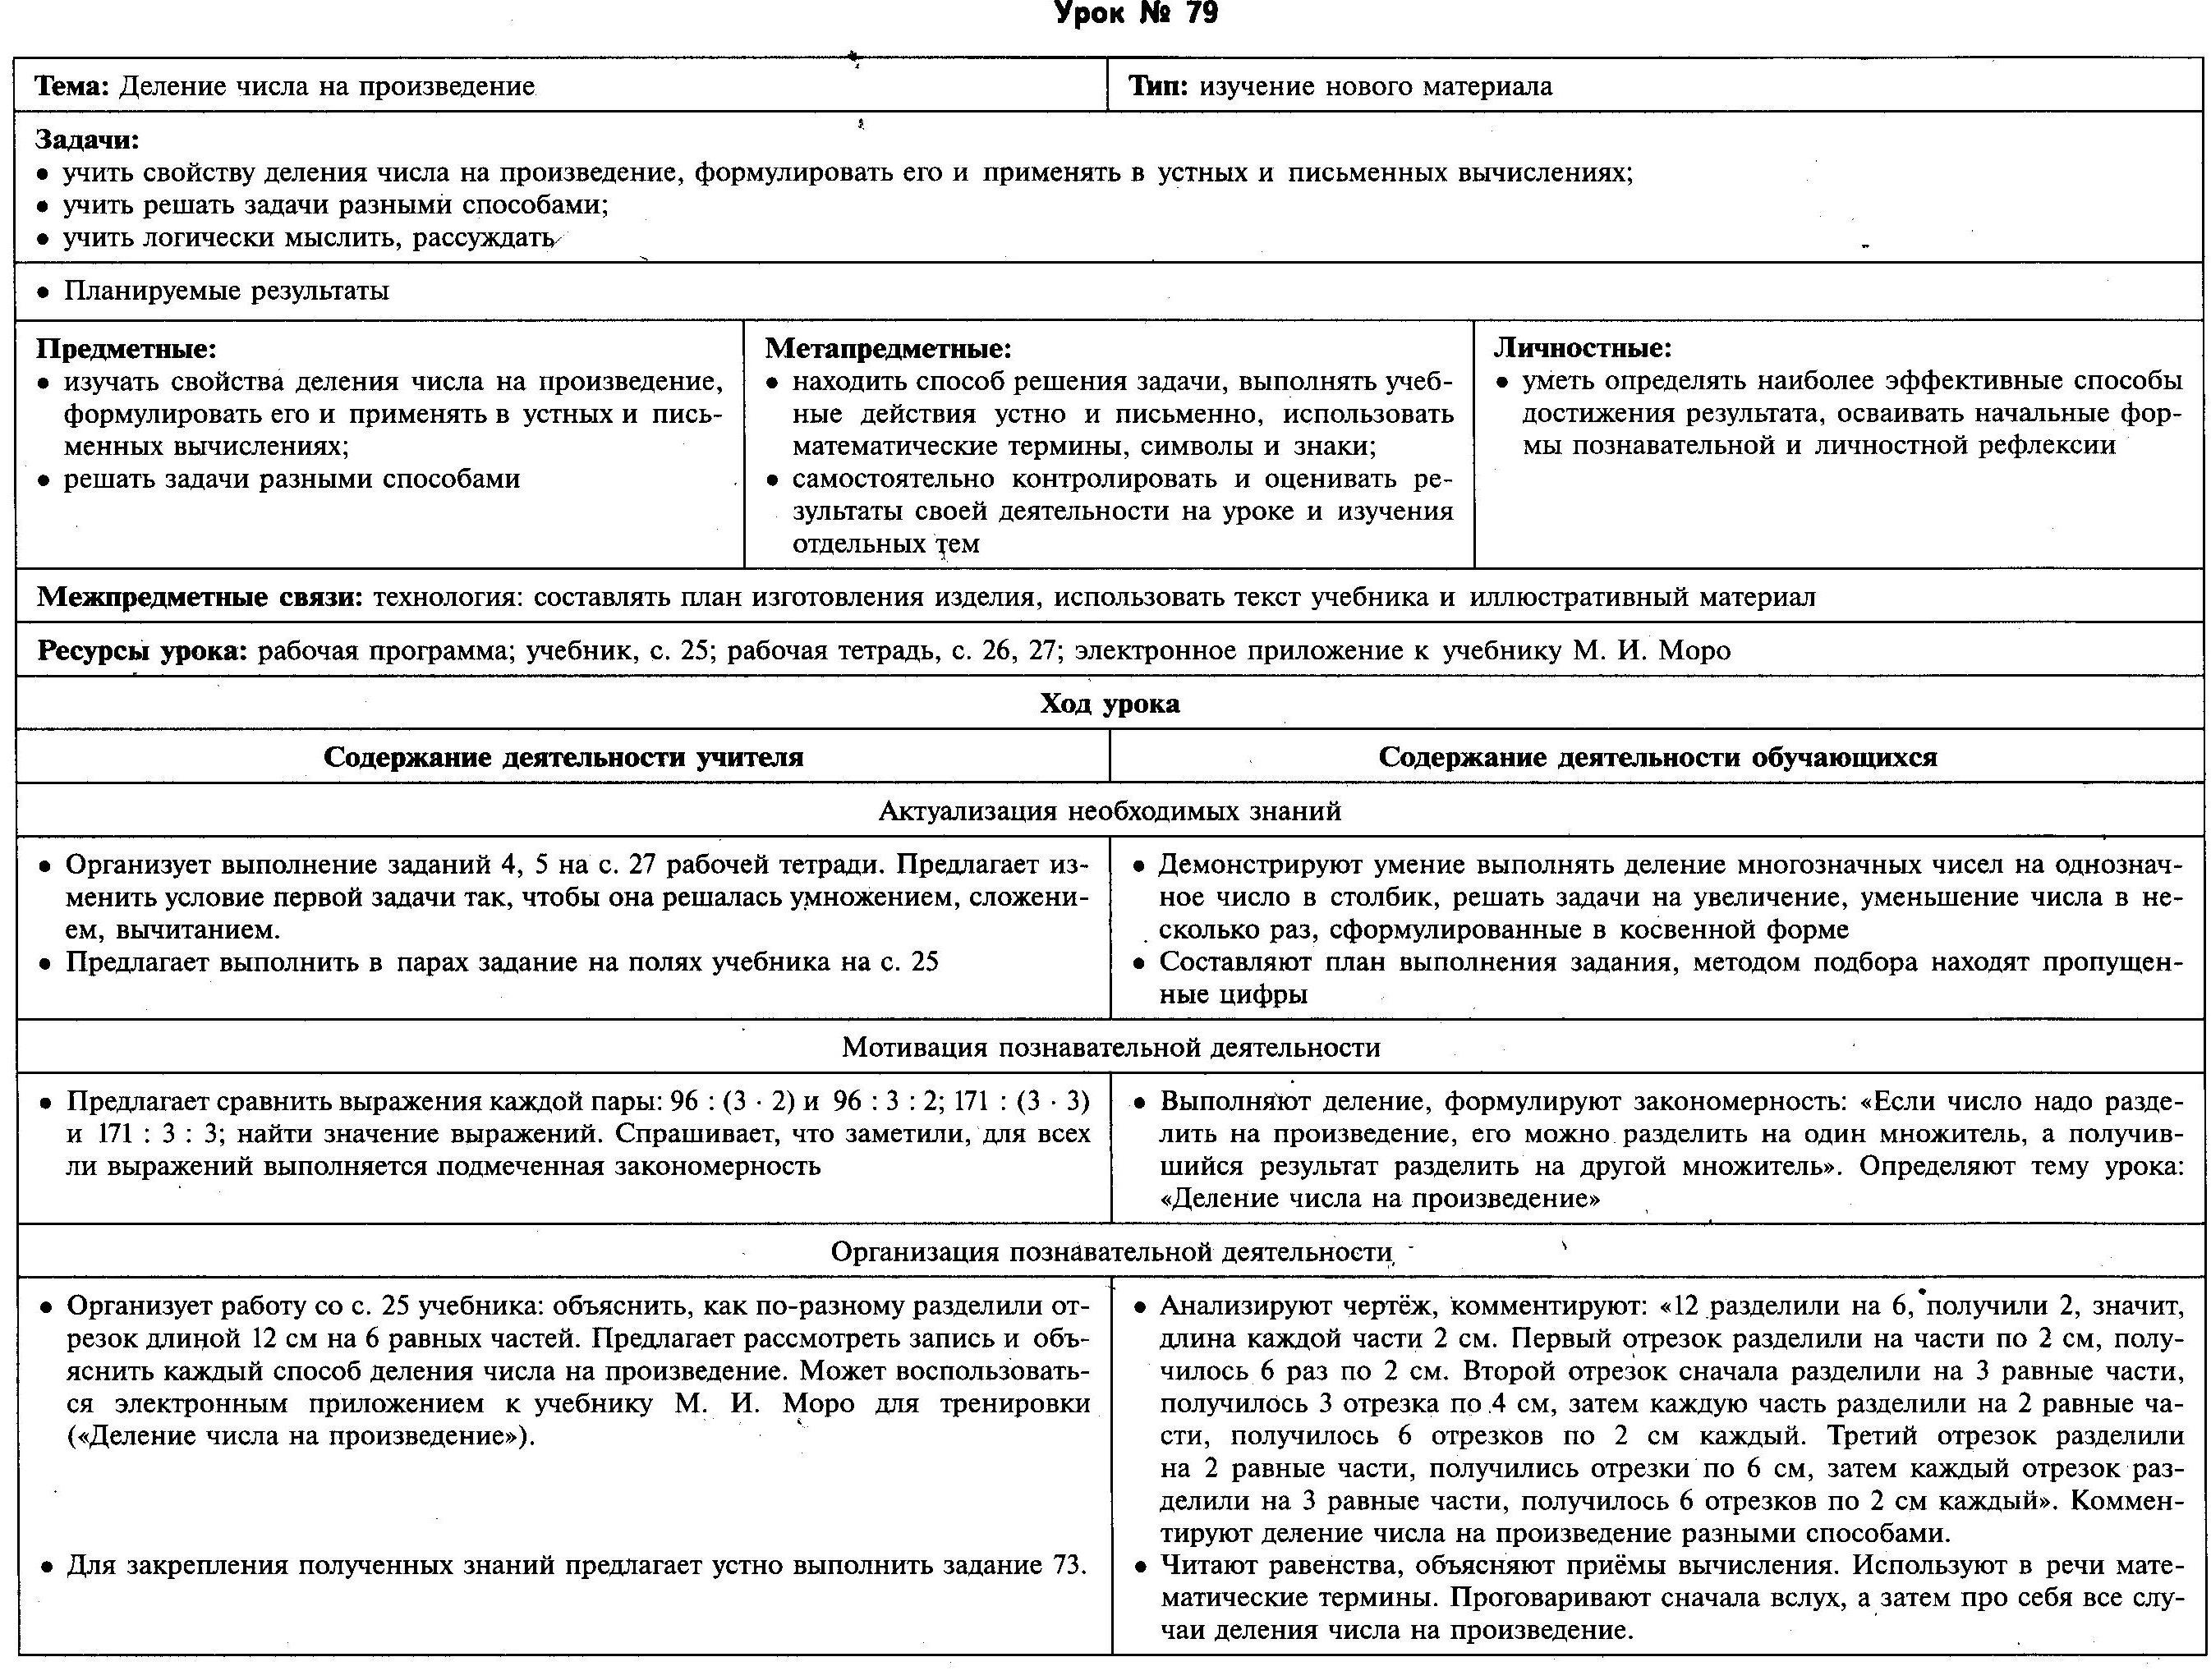 C:\Documents and Settings\Admin\Мои документы\Мои рисунки\1245.jpg